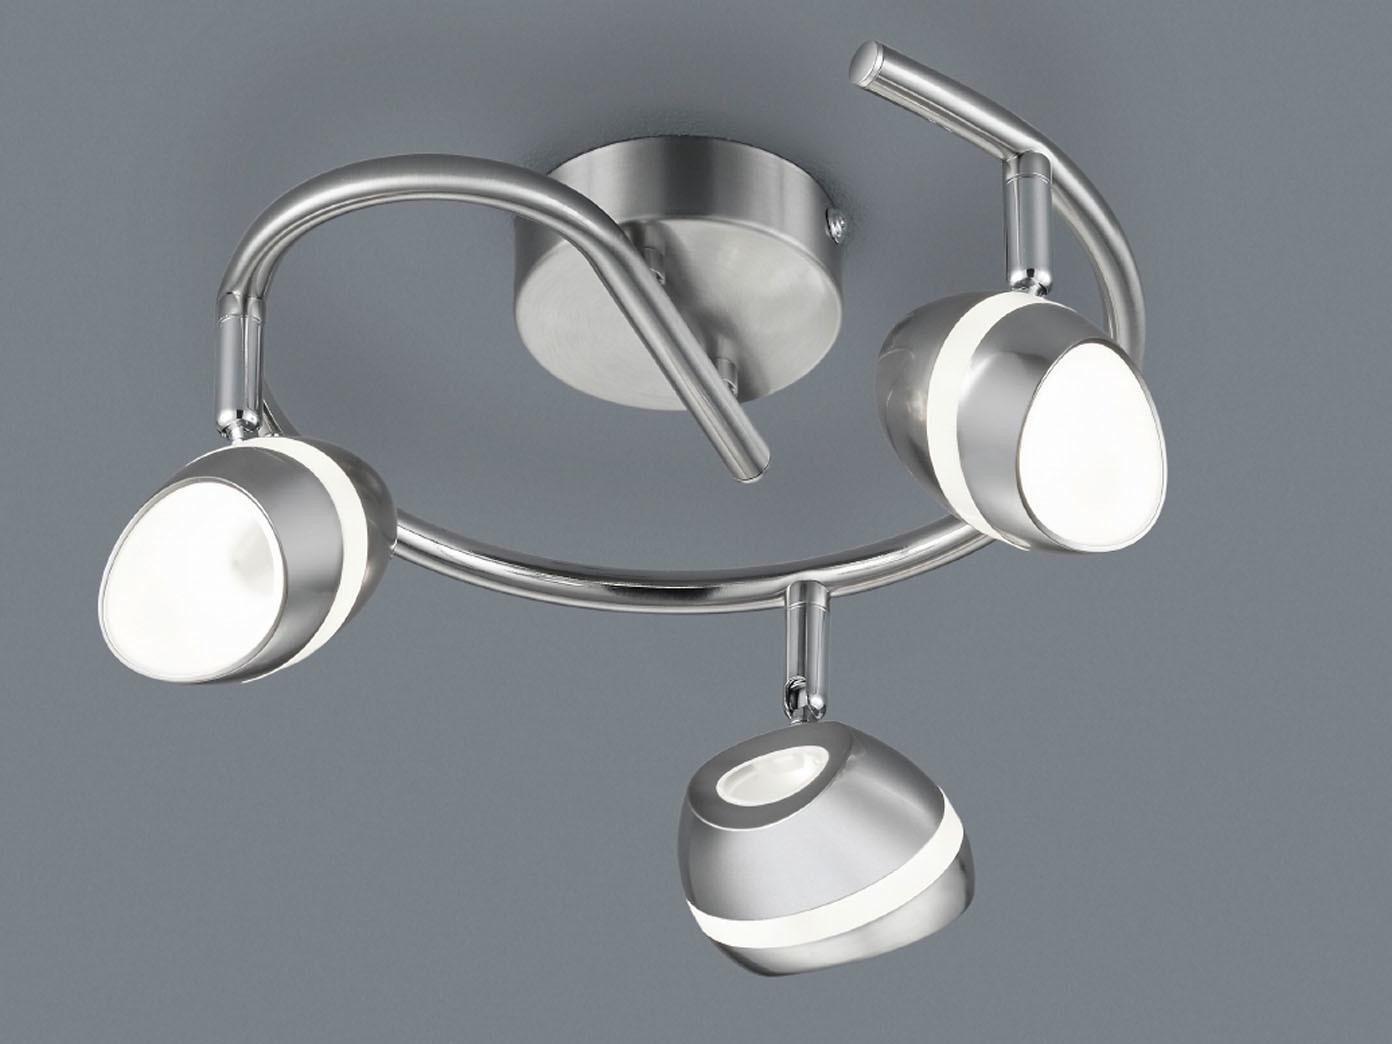 2er set led deckenstrahler rondell shark spots schwenkbar retro deckenlampe ebay. Black Bedroom Furniture Sets. Home Design Ideas